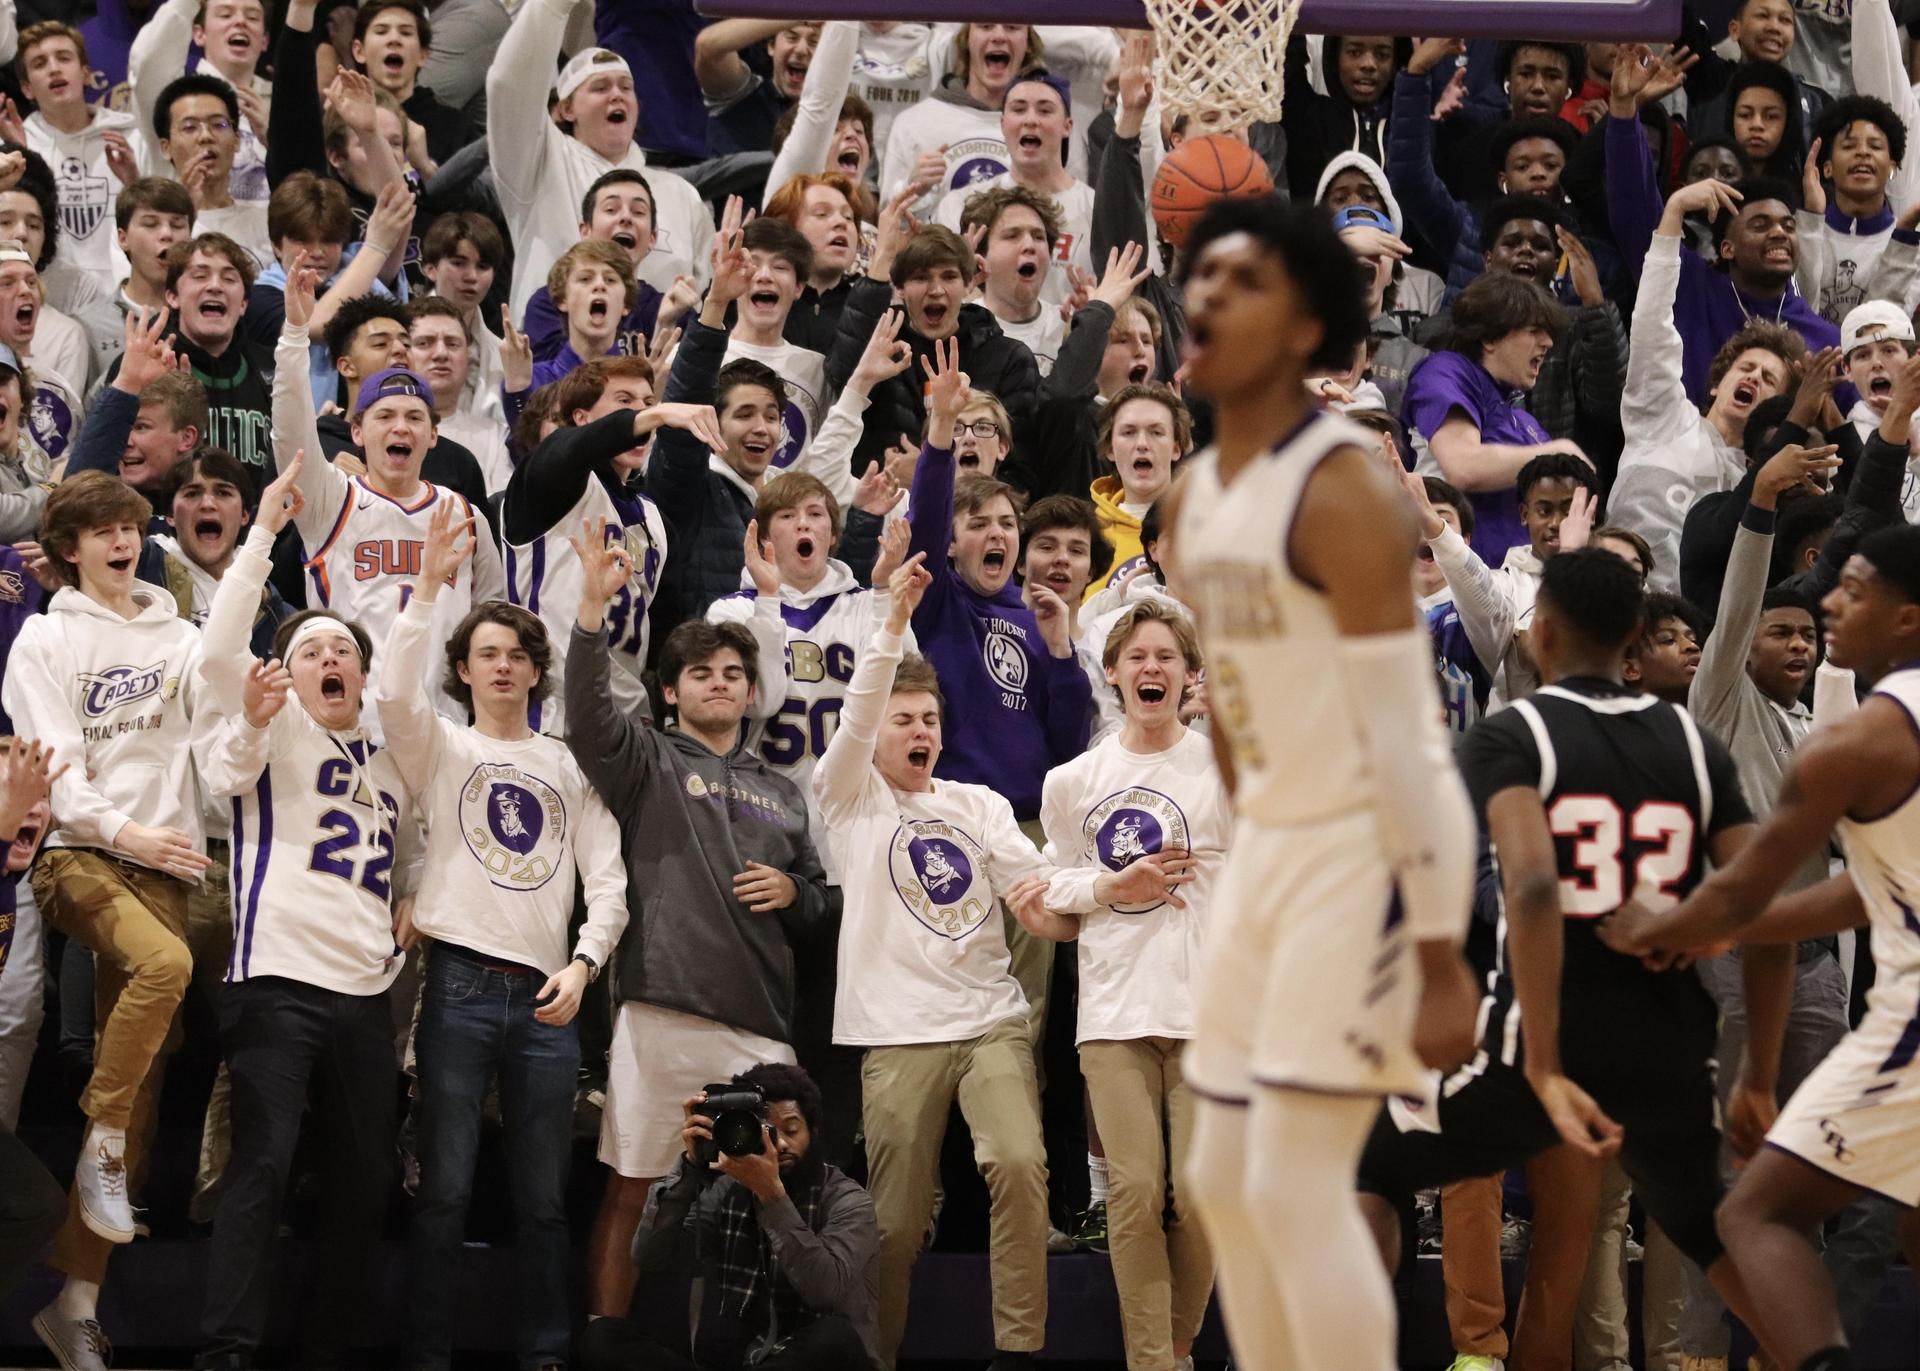 Basketball fans